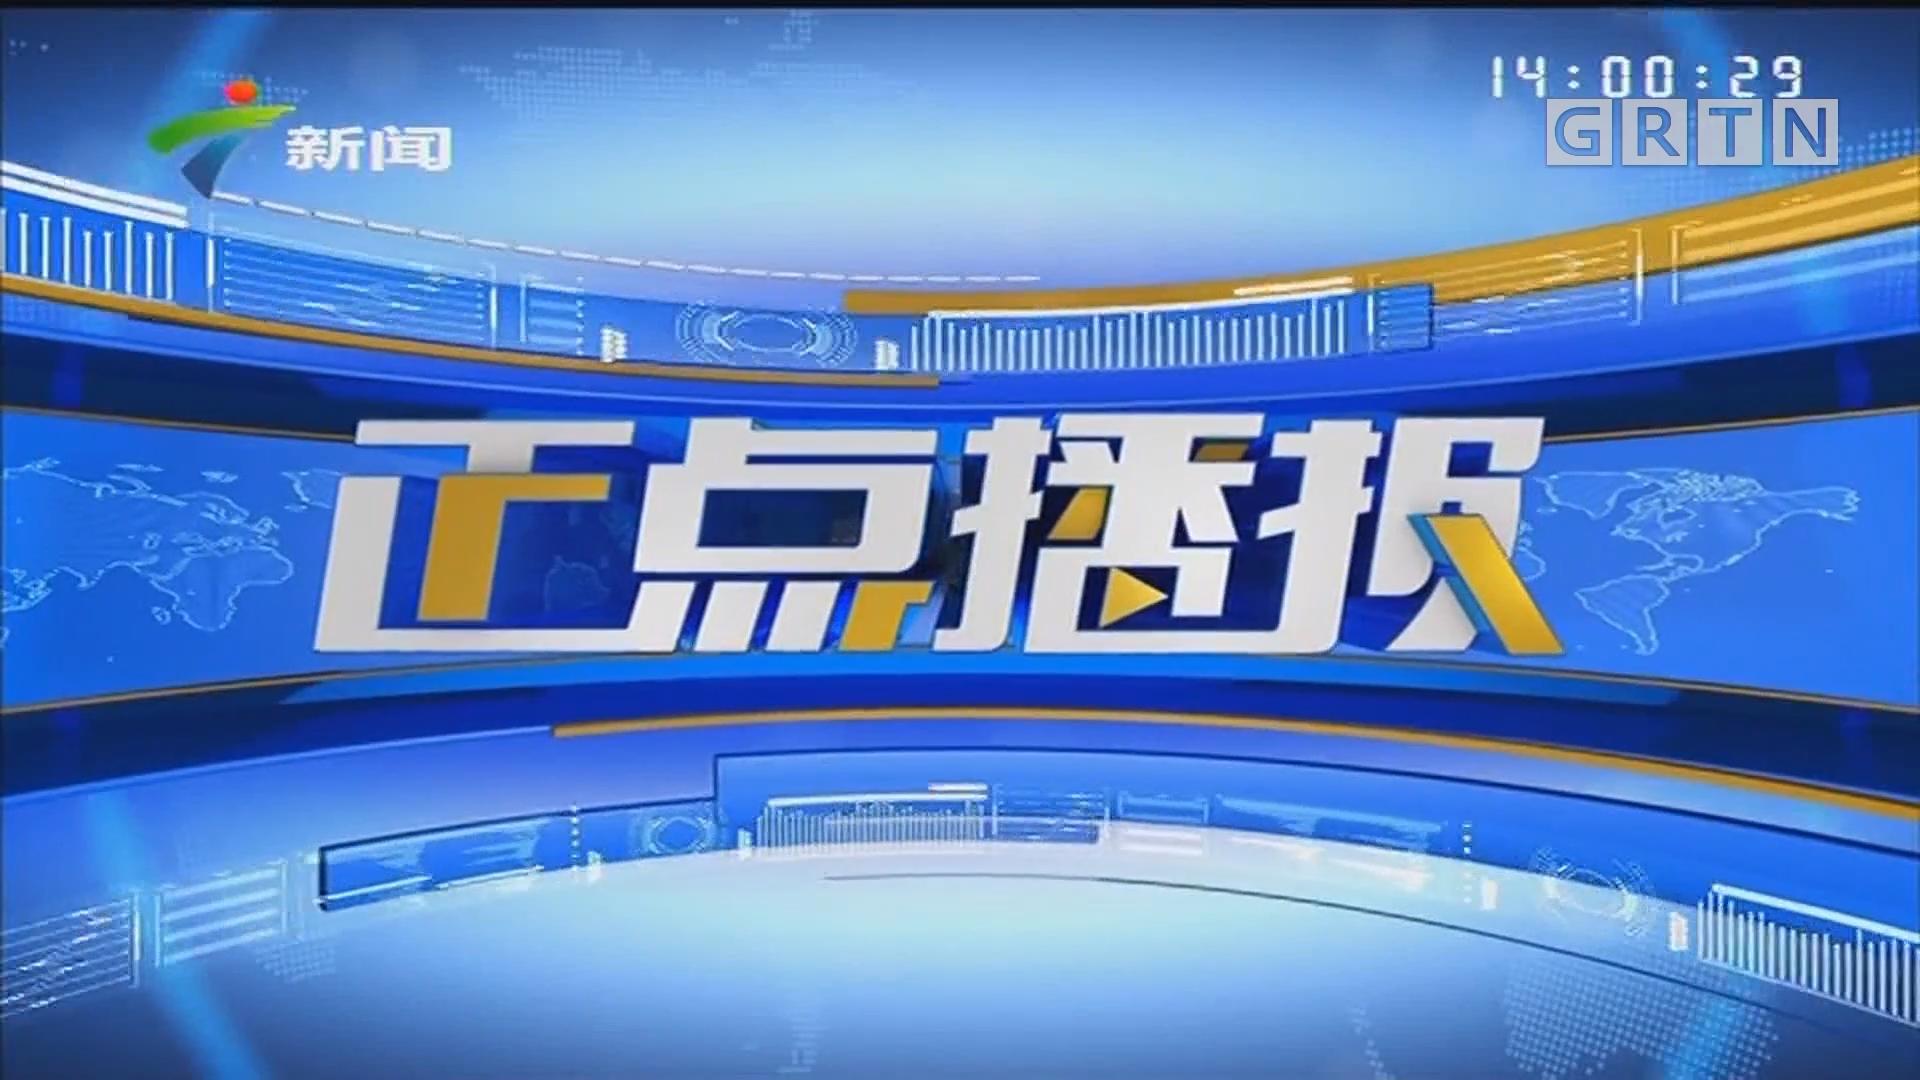 [HD][2019-07-21]正点播报:汕头:劝阻野泳钓鱼 保护饮用水源